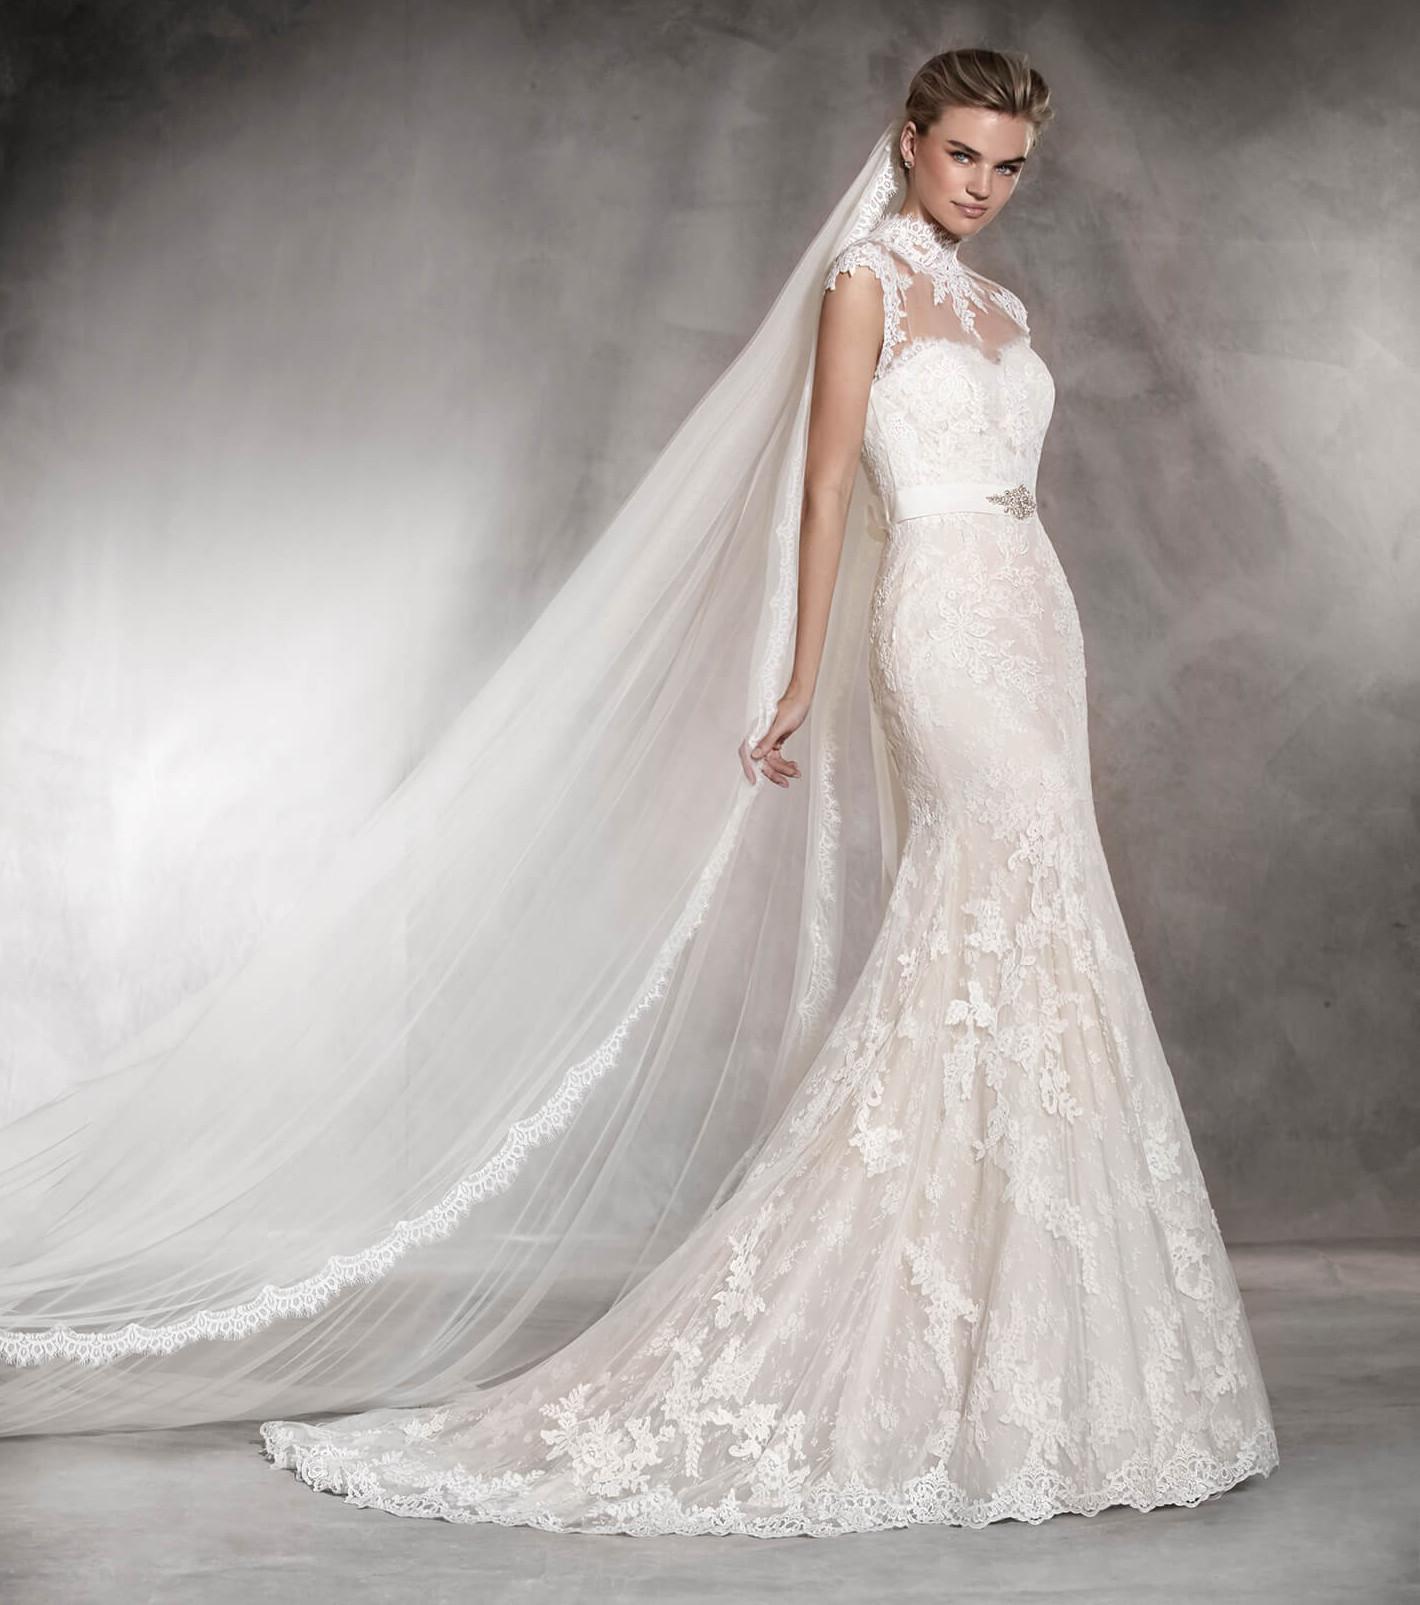 Gemütlich Ebay Brautjunferkleider Uk Bilder - Hochzeit Kleid Stile ...